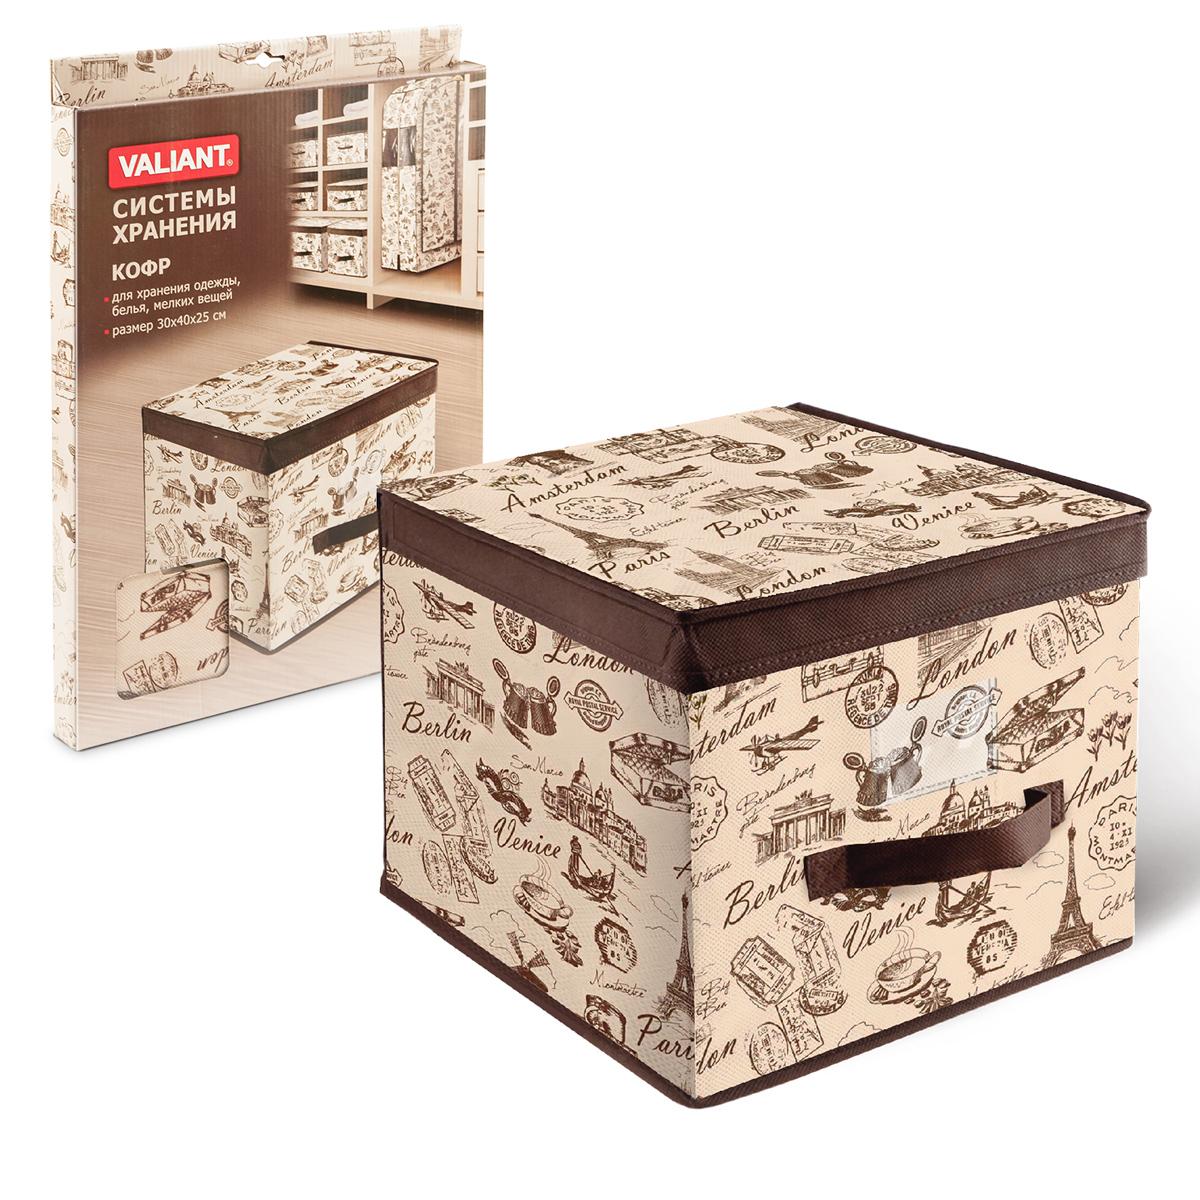 Кофр для хранения Valiant Travelling, 30 х 40 х 25 смTRB302Кофр для хранения Valiant Travelling изготовлен из высококачественного нетканого материала (спанбонда), который обеспечивает естественную вентиляцию, позволяя воздуху проникать внутрь, но не пропускает пыль. Вставки из плотного картона хорошо держат форму. Кофр снабжен специальной крышкой и ручкой сбоку. Изделие отличается мобильностью: легко раскладывается и складывается. В таком кофре удобно хранить одежду, белье и мелкие аксессуары. Оригинальный дизайн погружает в атмосферу путешествий по разным городам и странам. Системы хранения в едином дизайне сделают вашу гардеробную красивой и невероятно стильной.